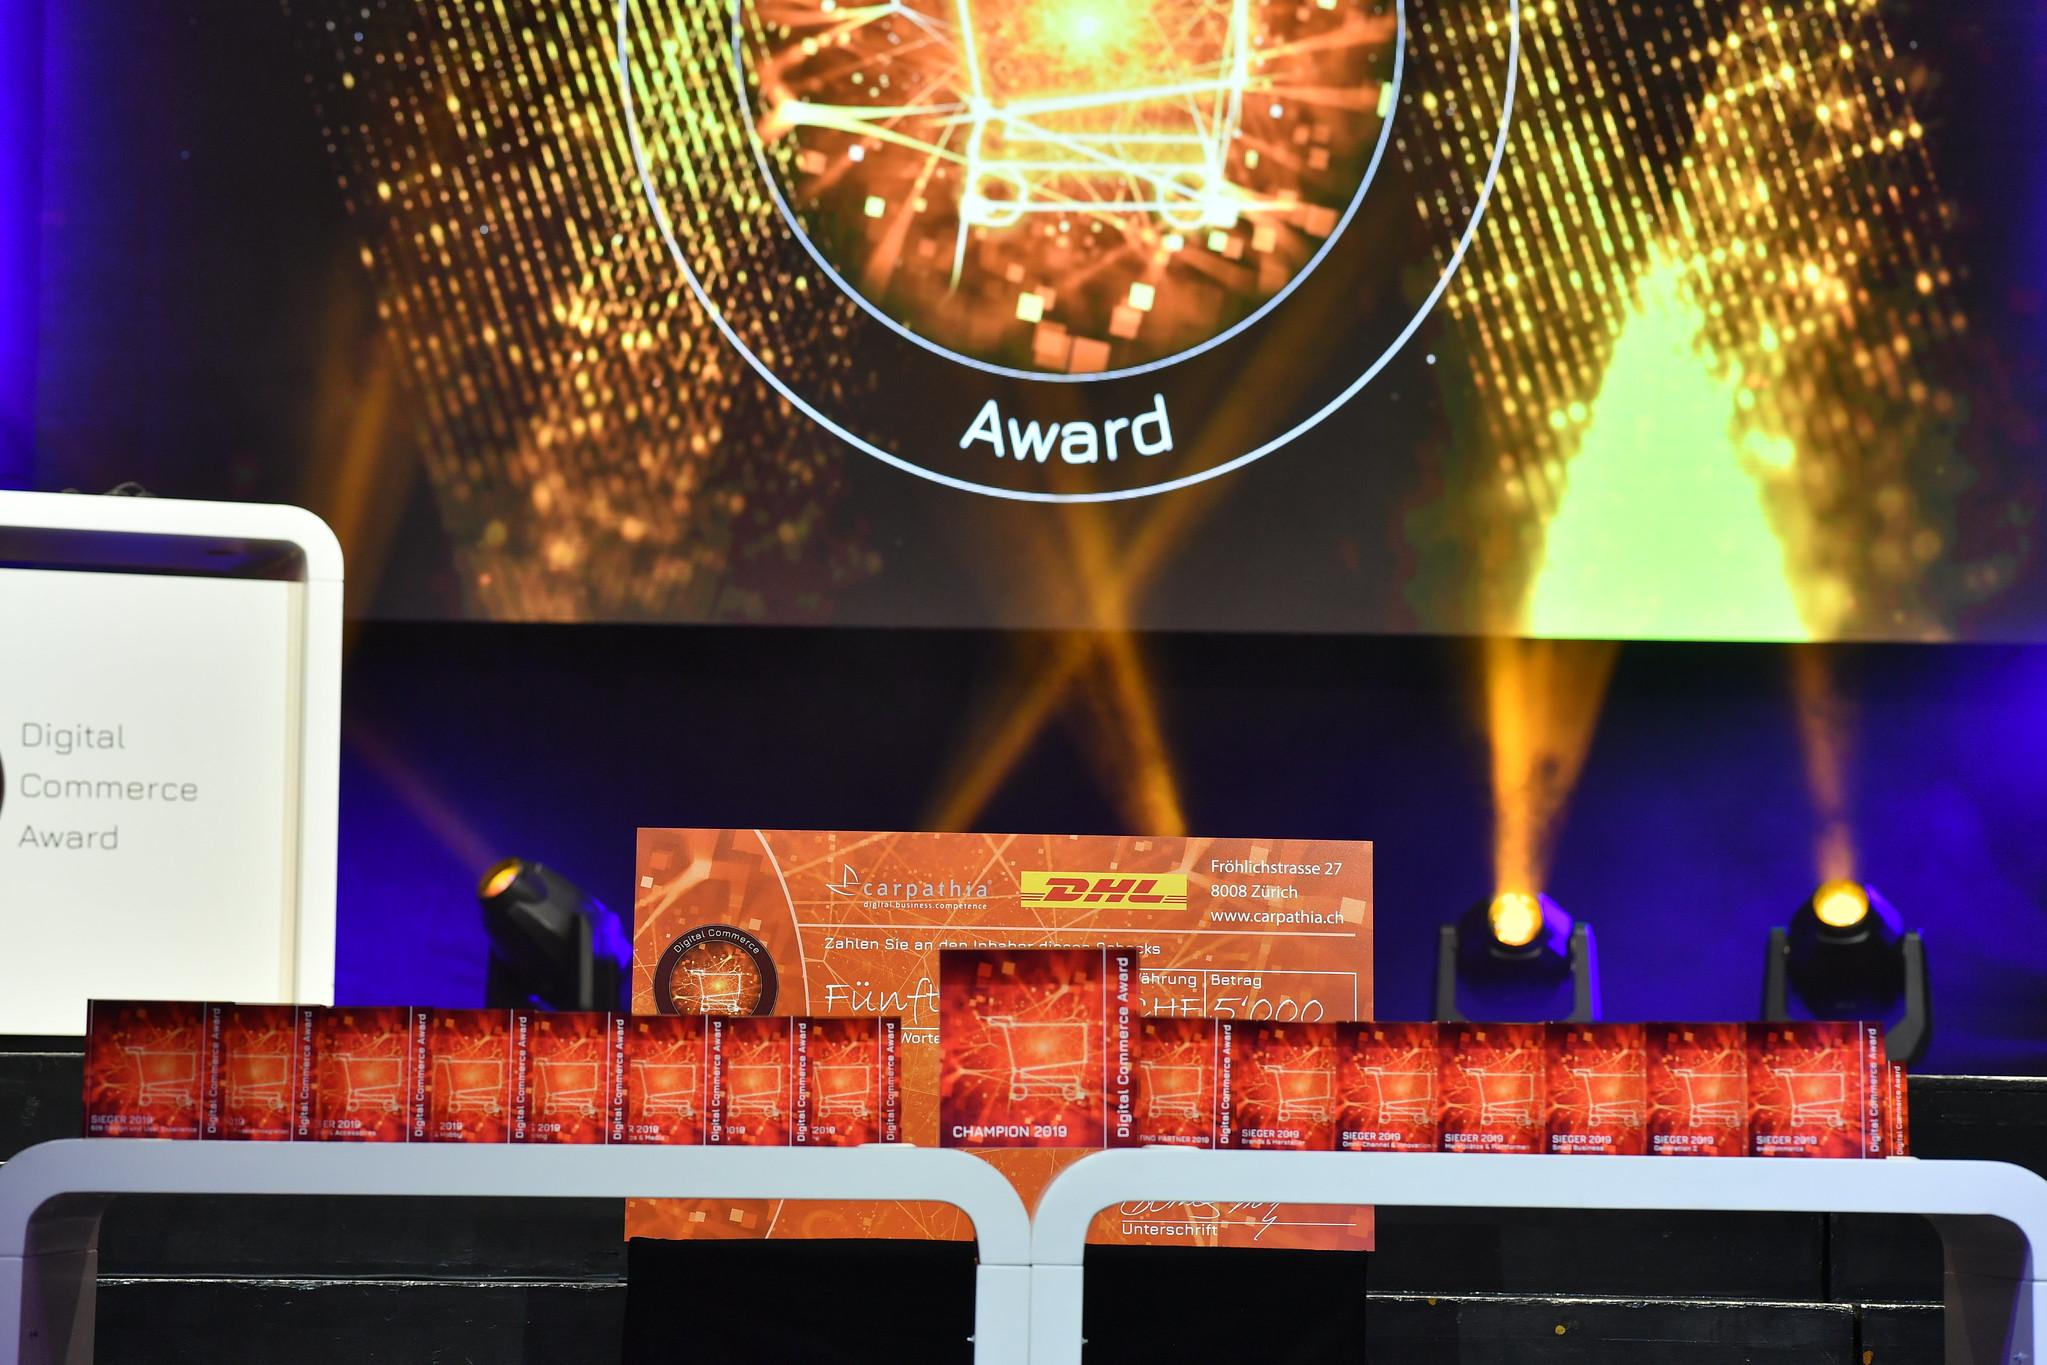 trophaeen_und_scheck_starup-award